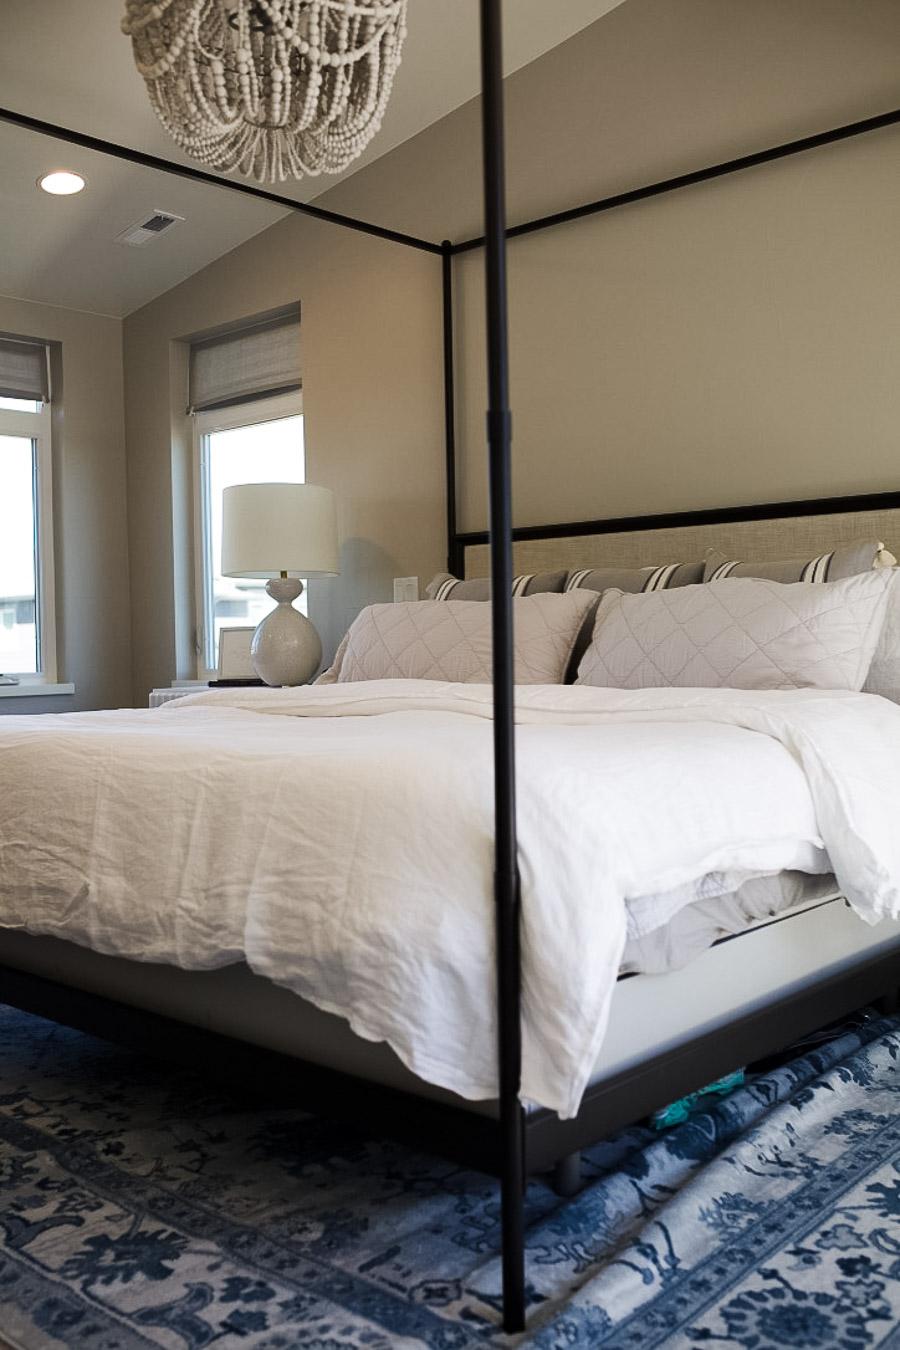 lauren sims sleep number mattress review